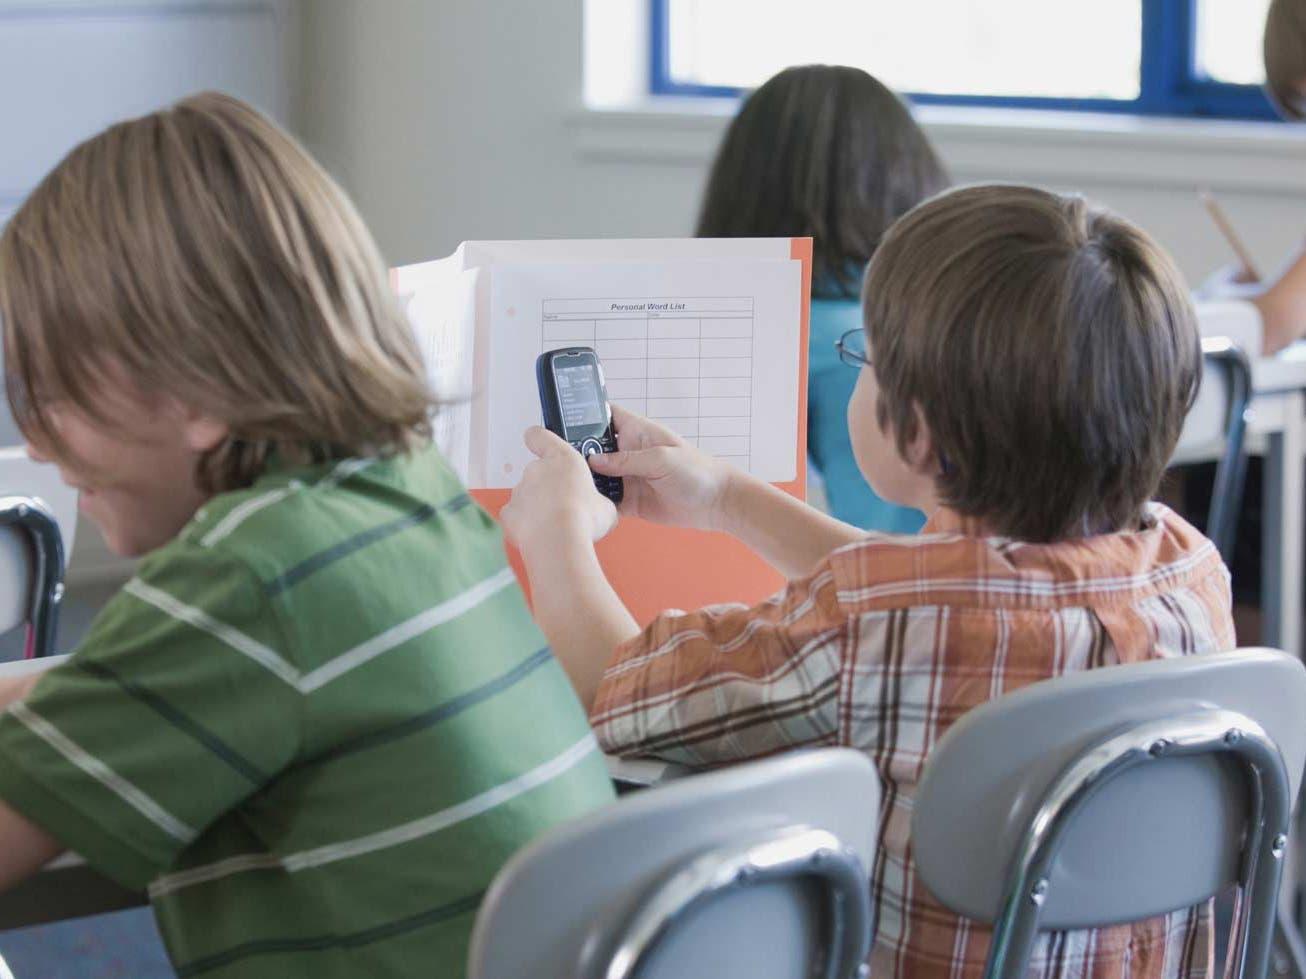 El niño fue regañado por su maestro por usar el celular en clase